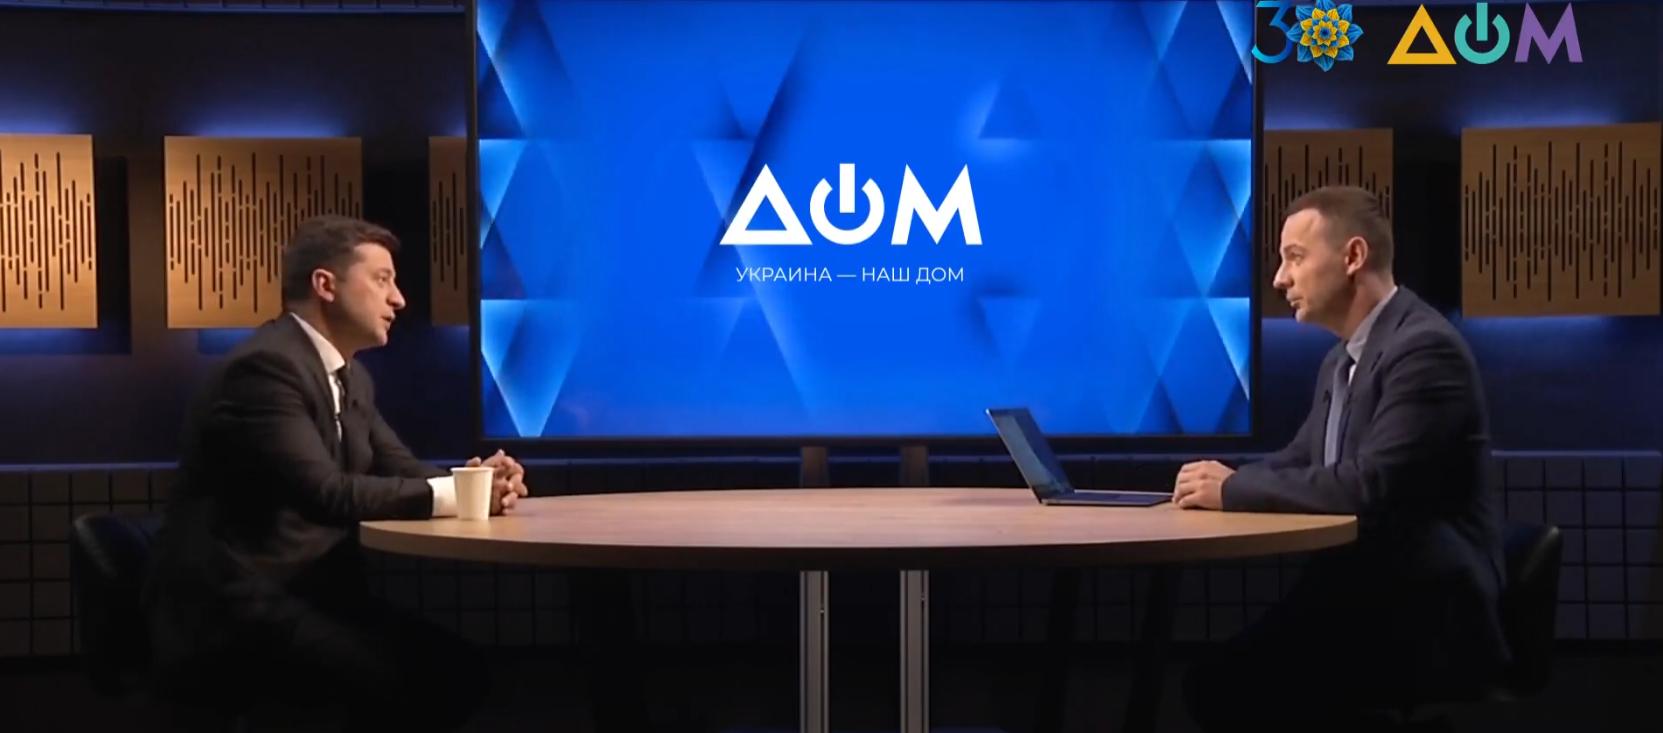 """Зеленський дав інтерв'ю телеканалу """"Дом""""."""